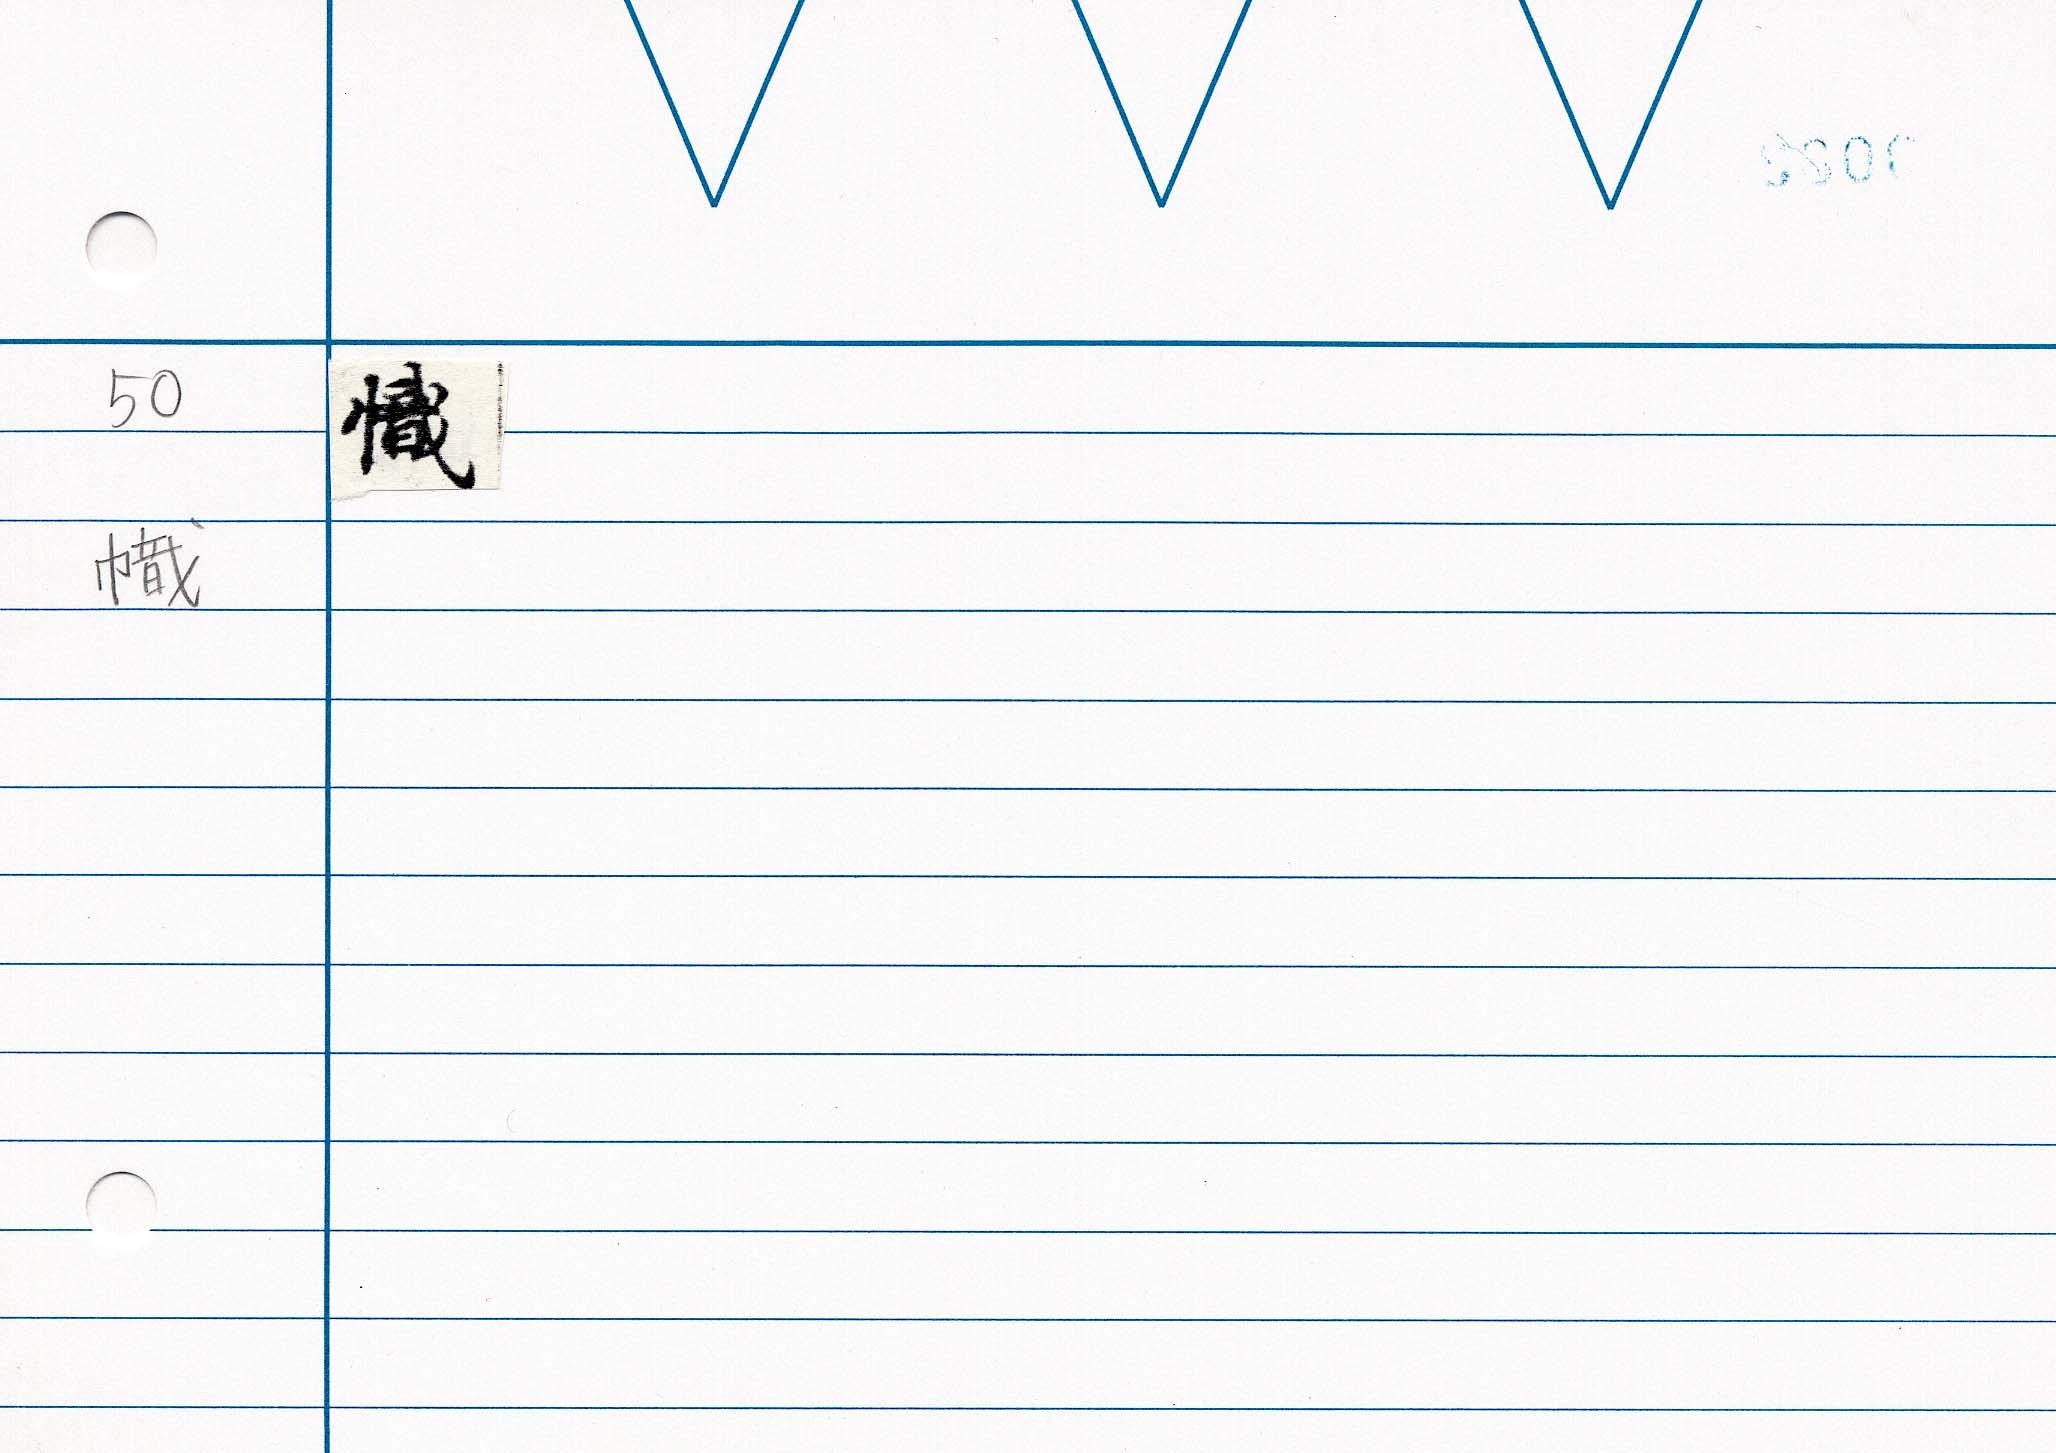 60_佛説大教王經卷一(東禪寺版日本寫本)/cards/0084.jpg